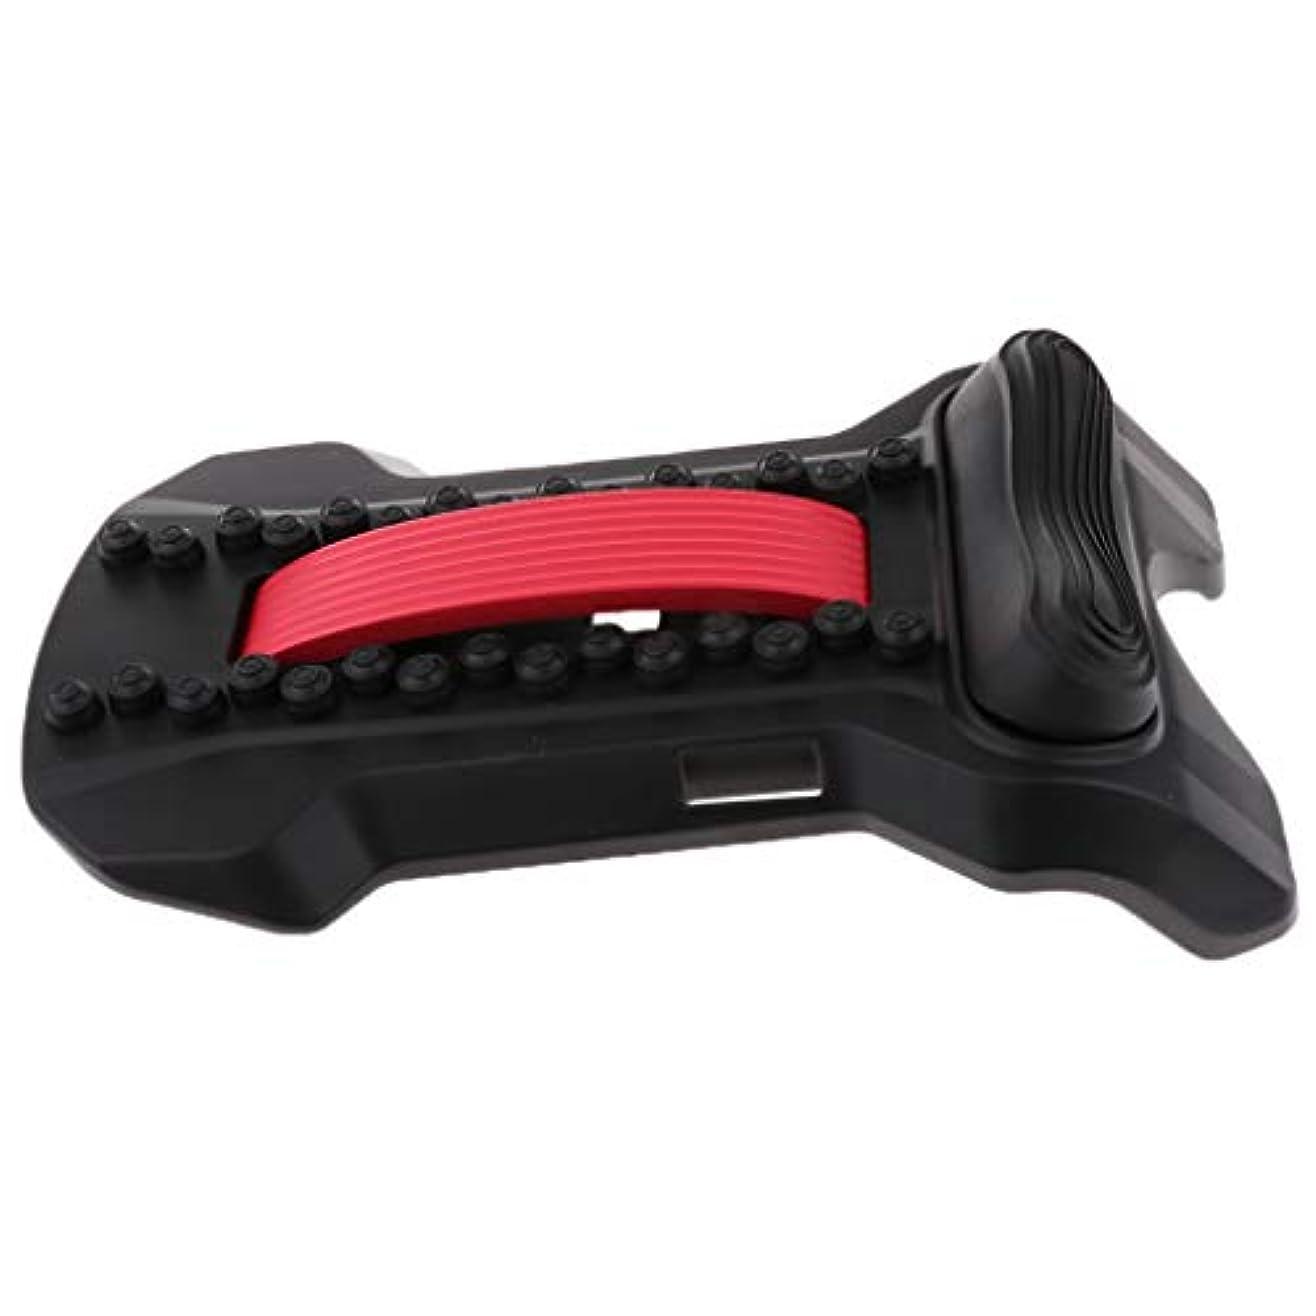 光電しばしばオーバードローD DOLITY 腰椎サポート バック ストレッチャー 頸椎 ストレッチ マッサージャー ツボ押し 姿勢矯正 全5色 - 黒赤, 22×37×8cm